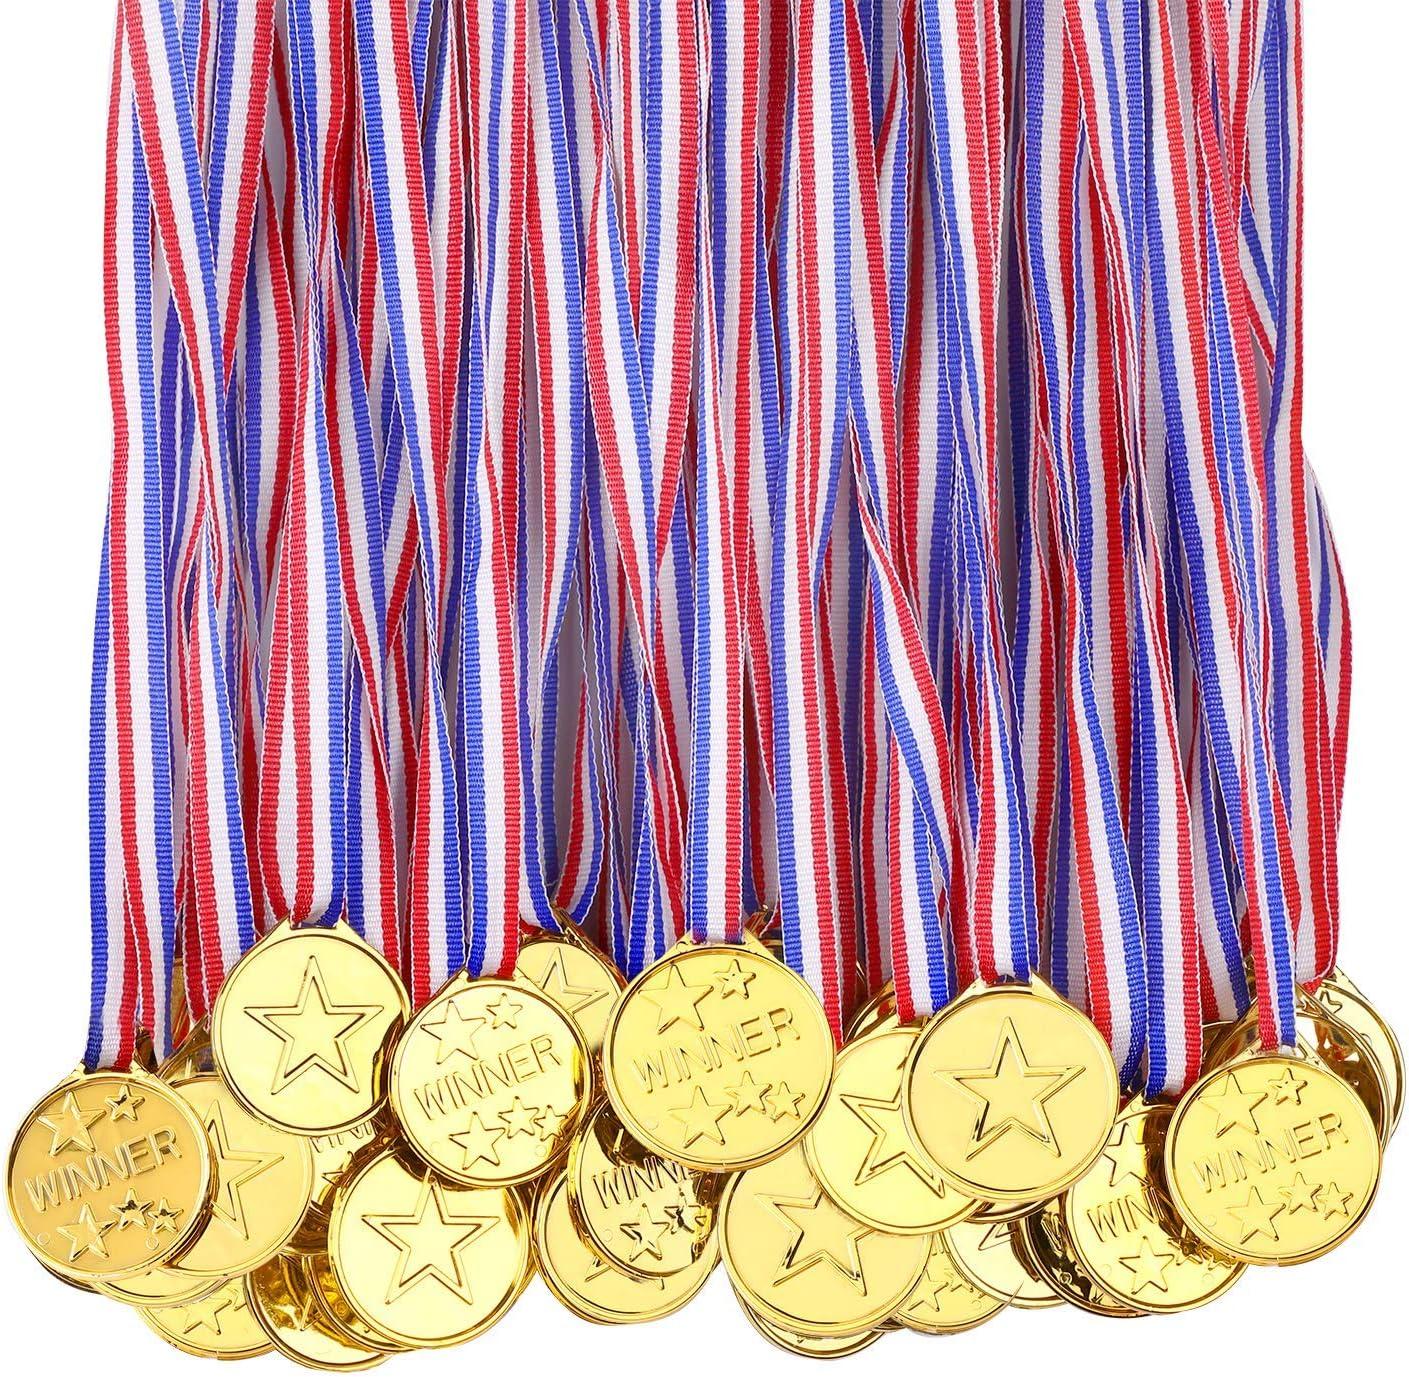 100 Piezas Medallas De Plástico Para Niños, Premios De Oro, Medallas Para Niños, Premios Para Ganadores De Medallas De Plástico Para El Día De Deportes Escolares